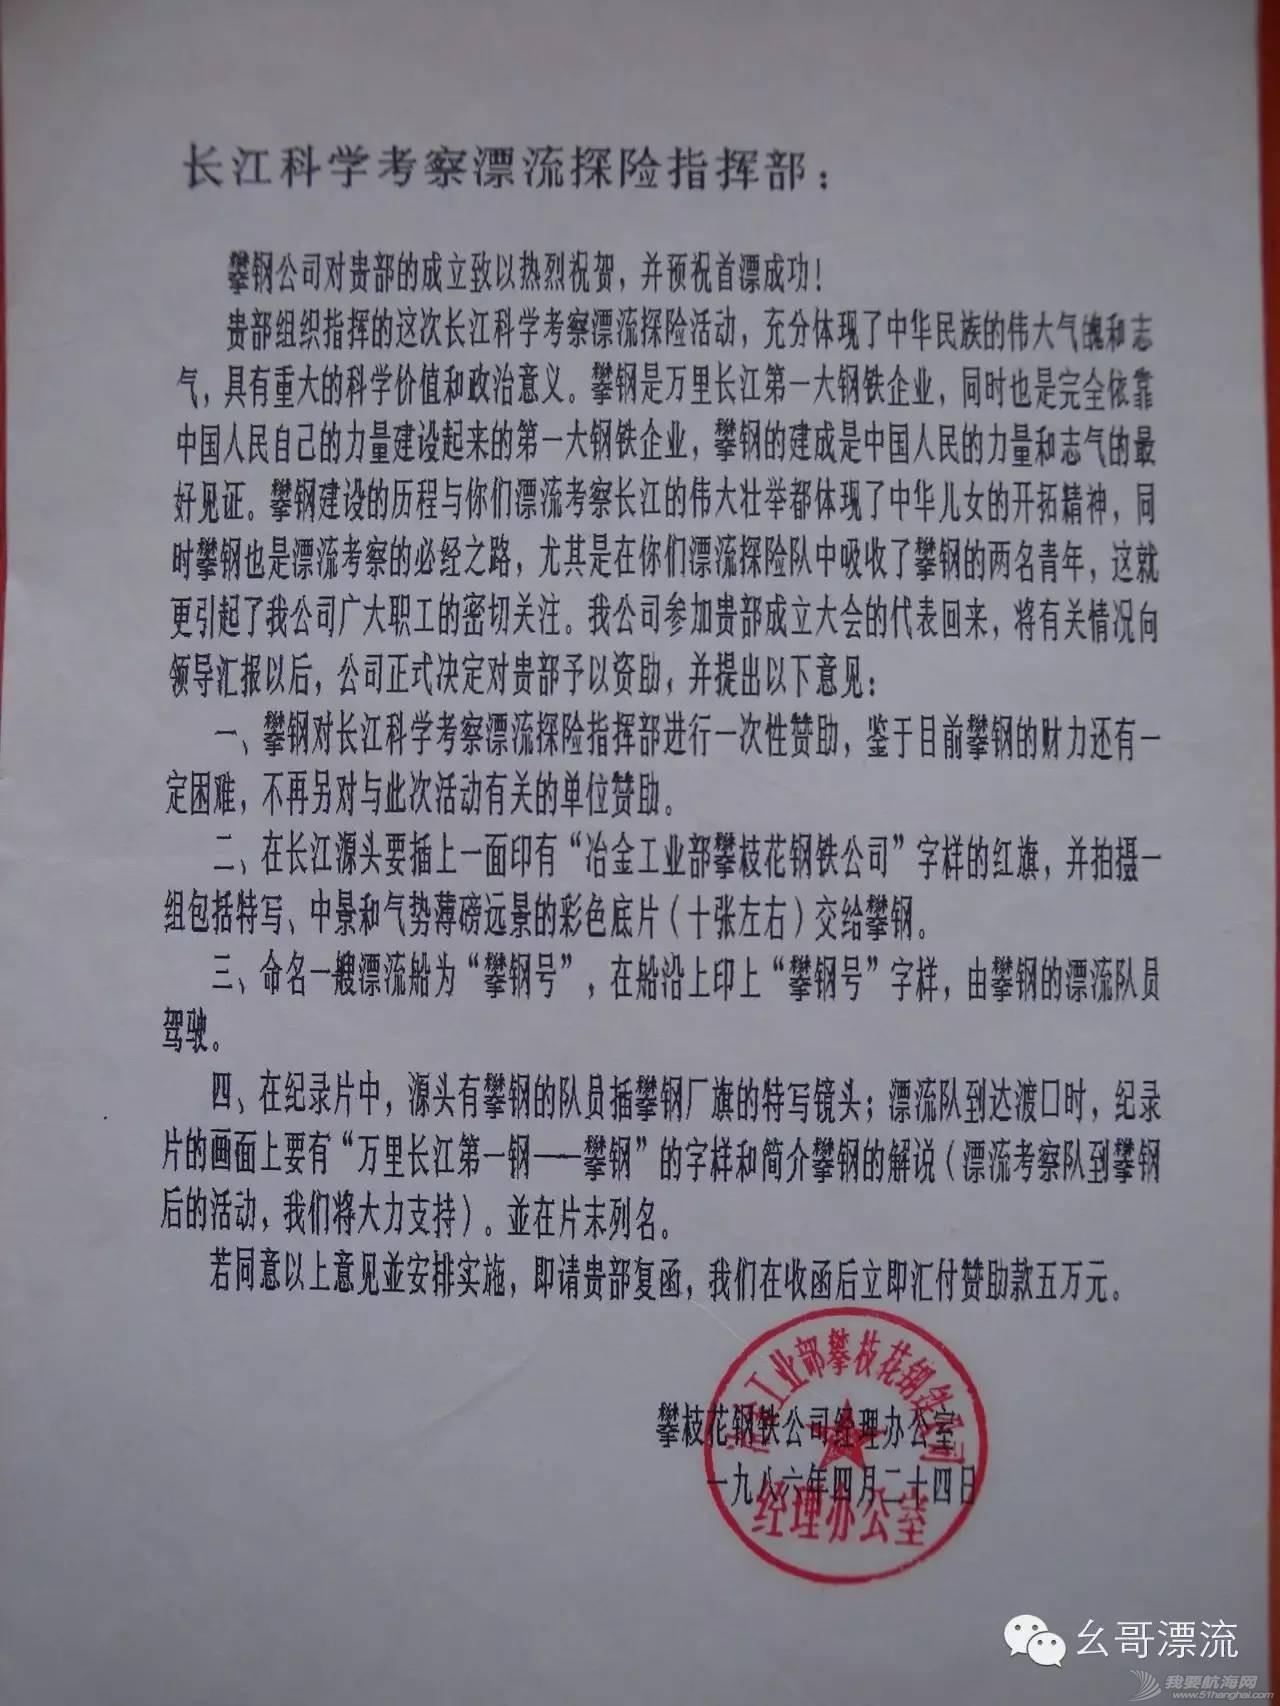 1986年长江漂流发起及经过 e4c113ad643774ec3c5f2bd54beb0cf0.jpg